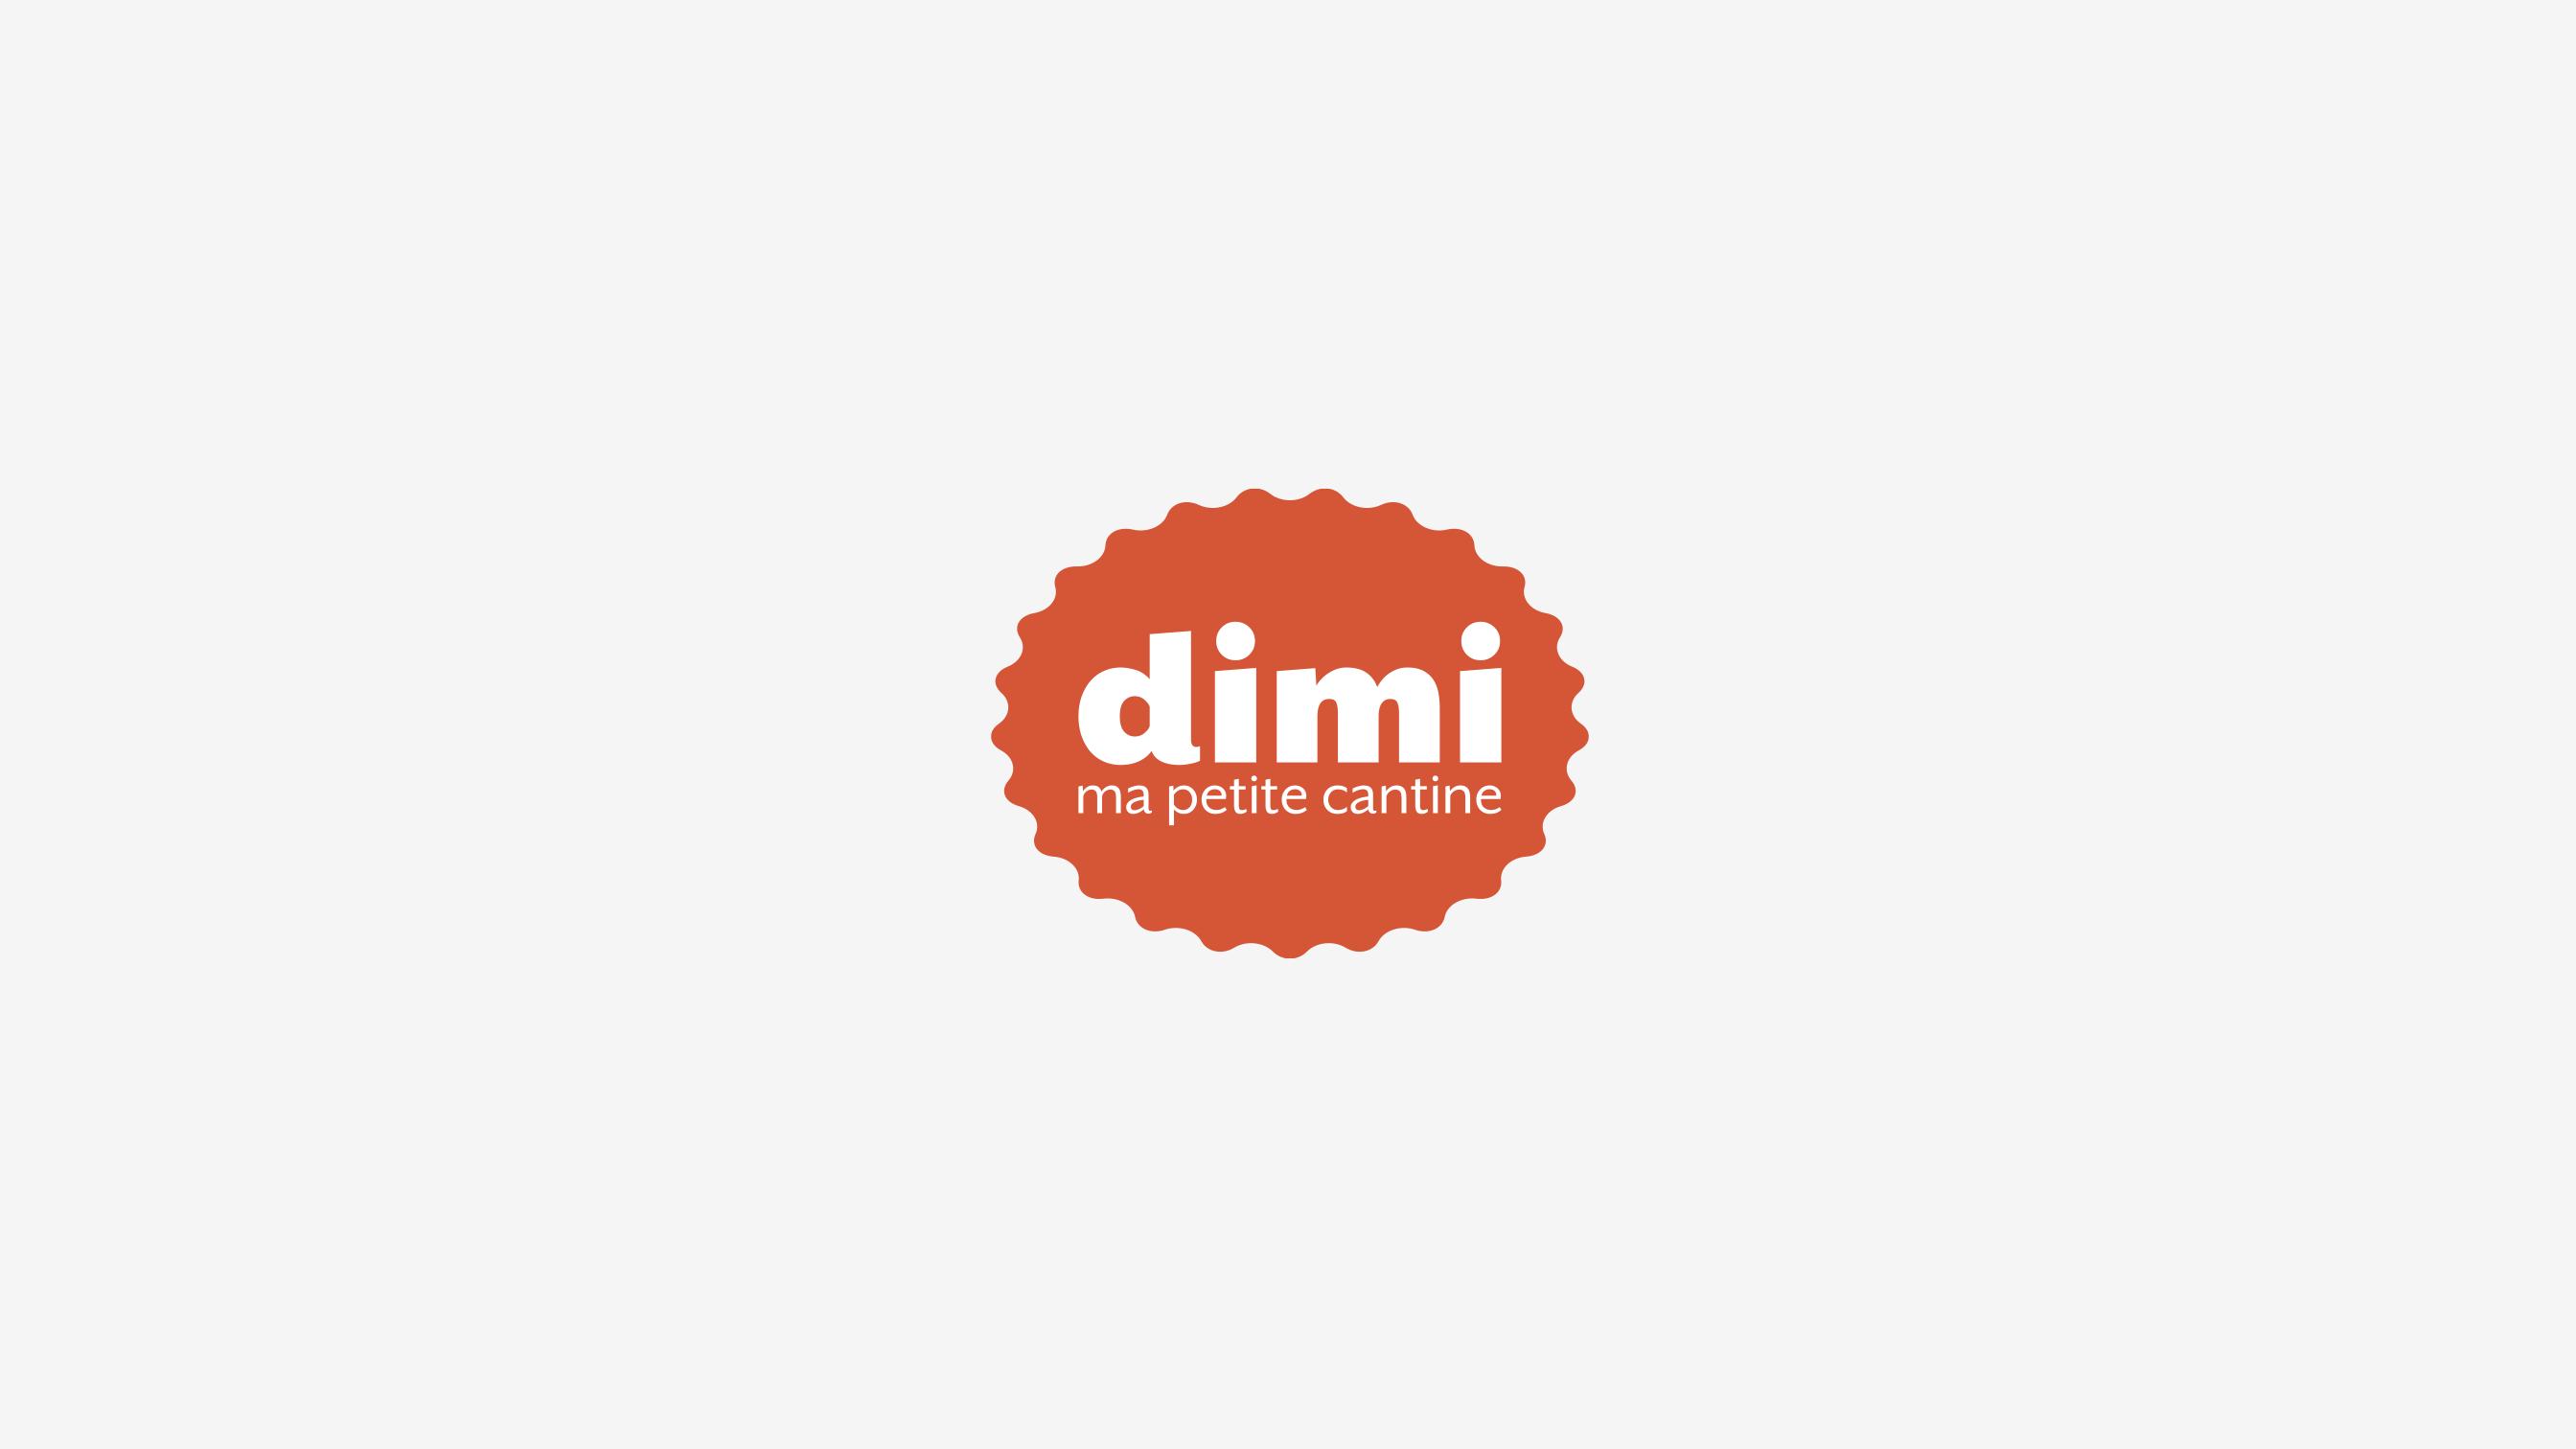 dimi-logotype-logotype-pikteo